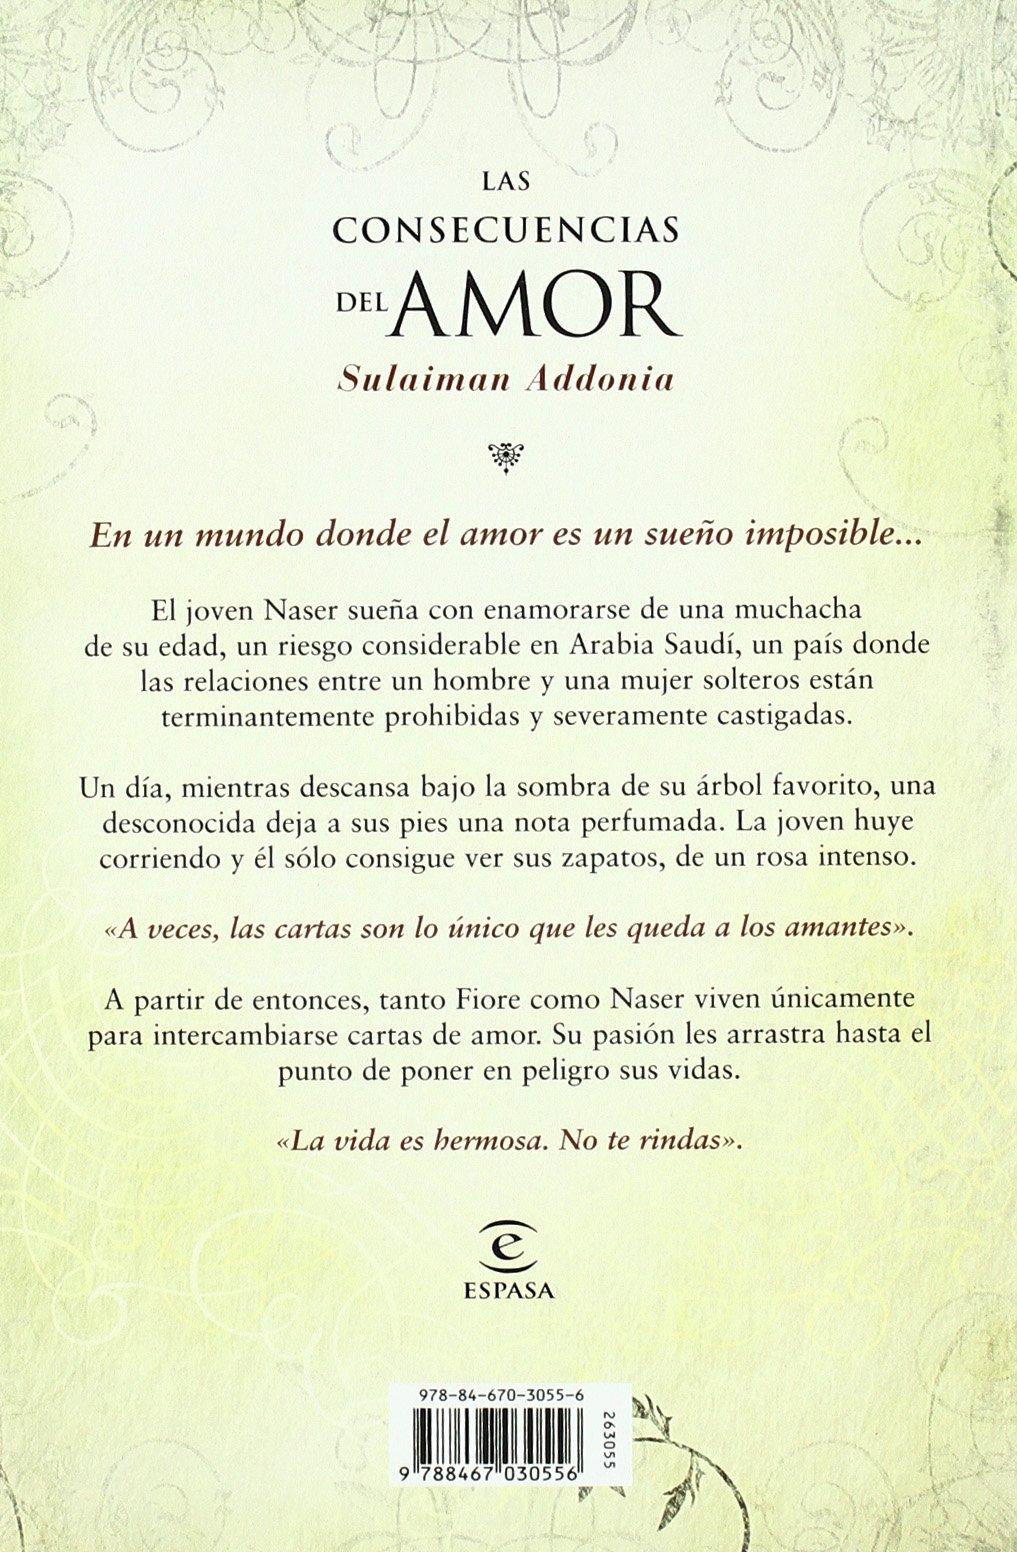 Las consencuencias del amor: Sulaiman Addonia: 9788467030556 ...